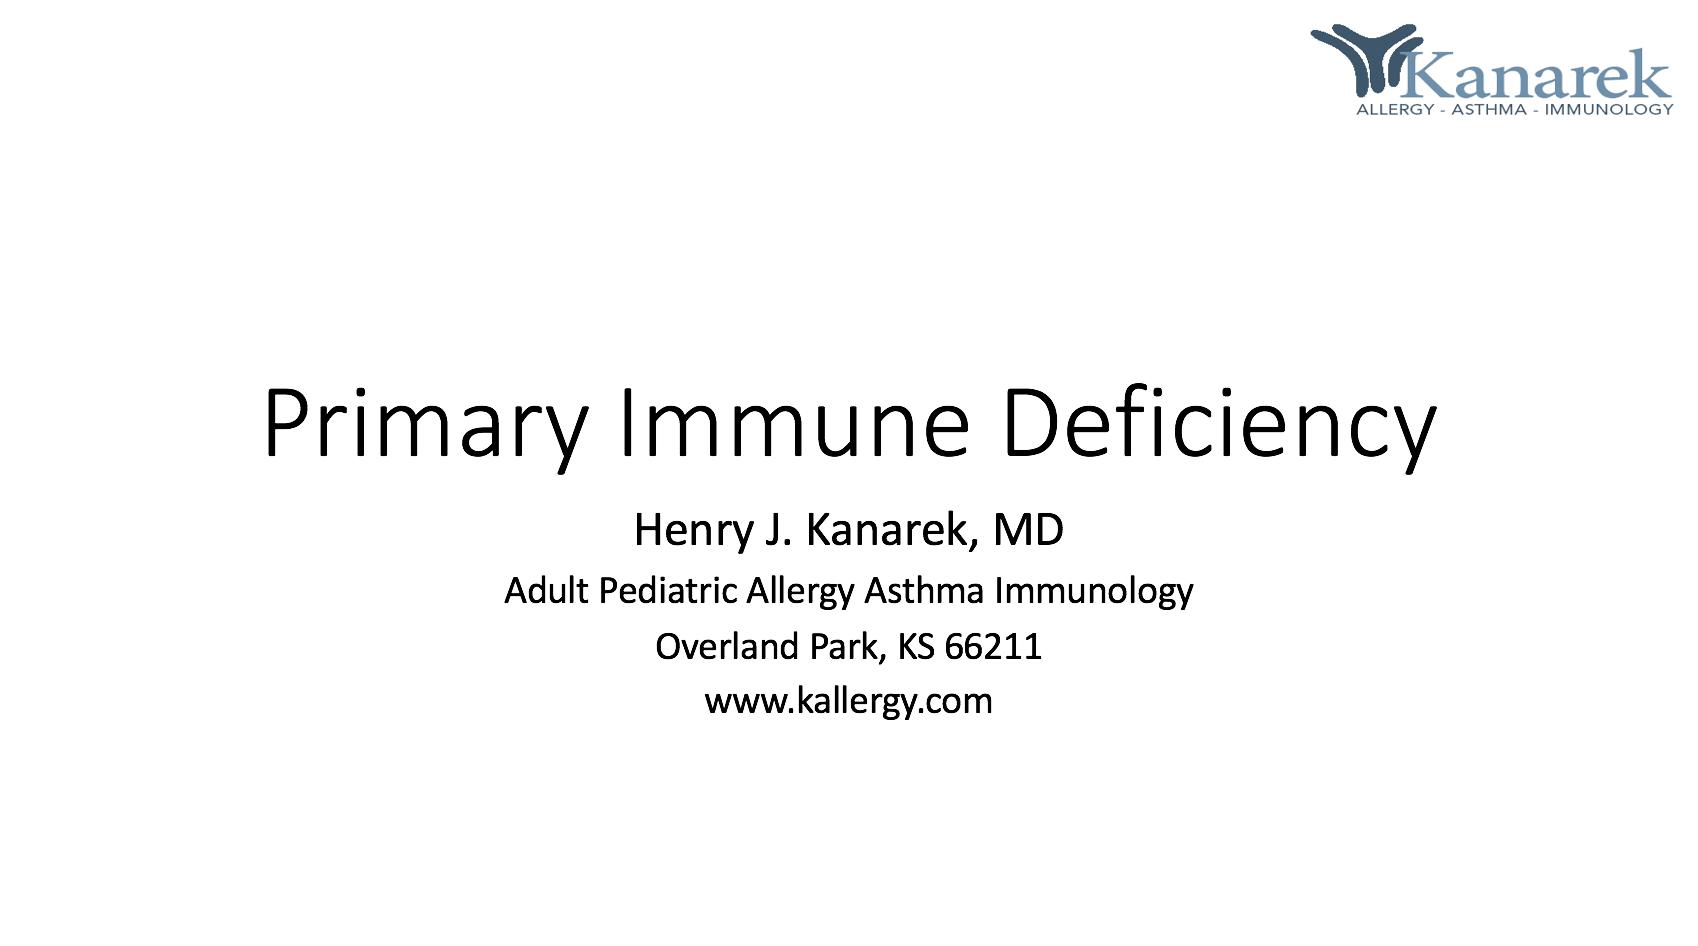 Dr. Kanarek - Primary Immune Deficiency